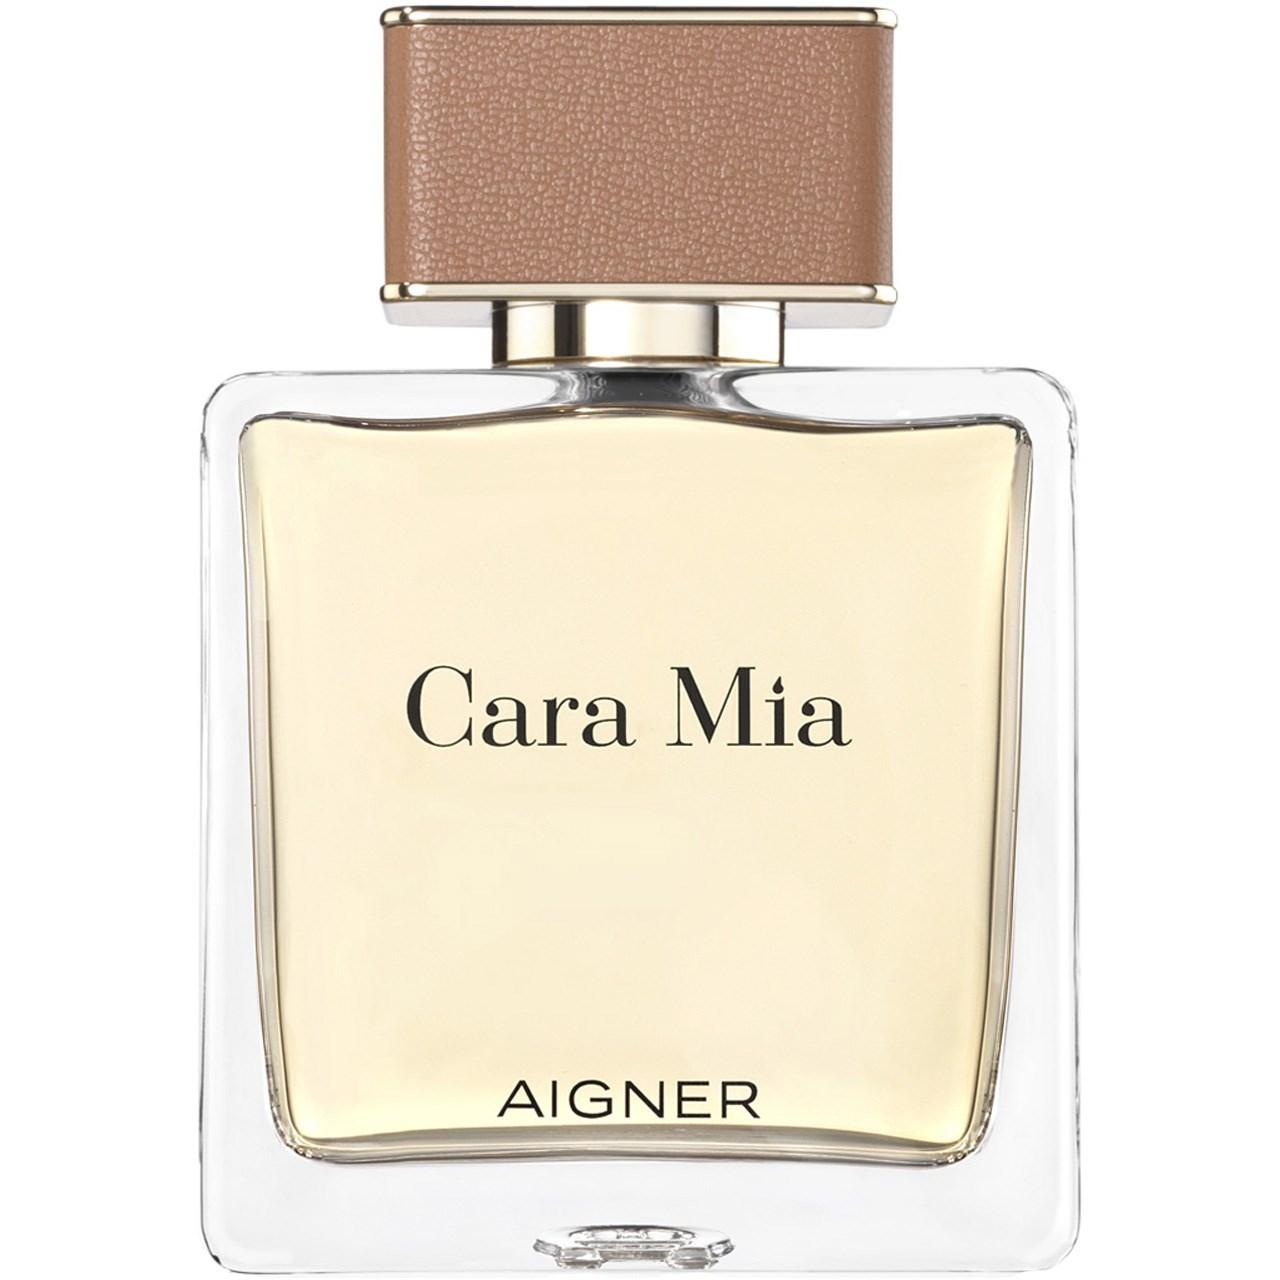 ادو پرفیوم زنانه ایگنر مدل Cara Mia حجم 100 میلی لیتر